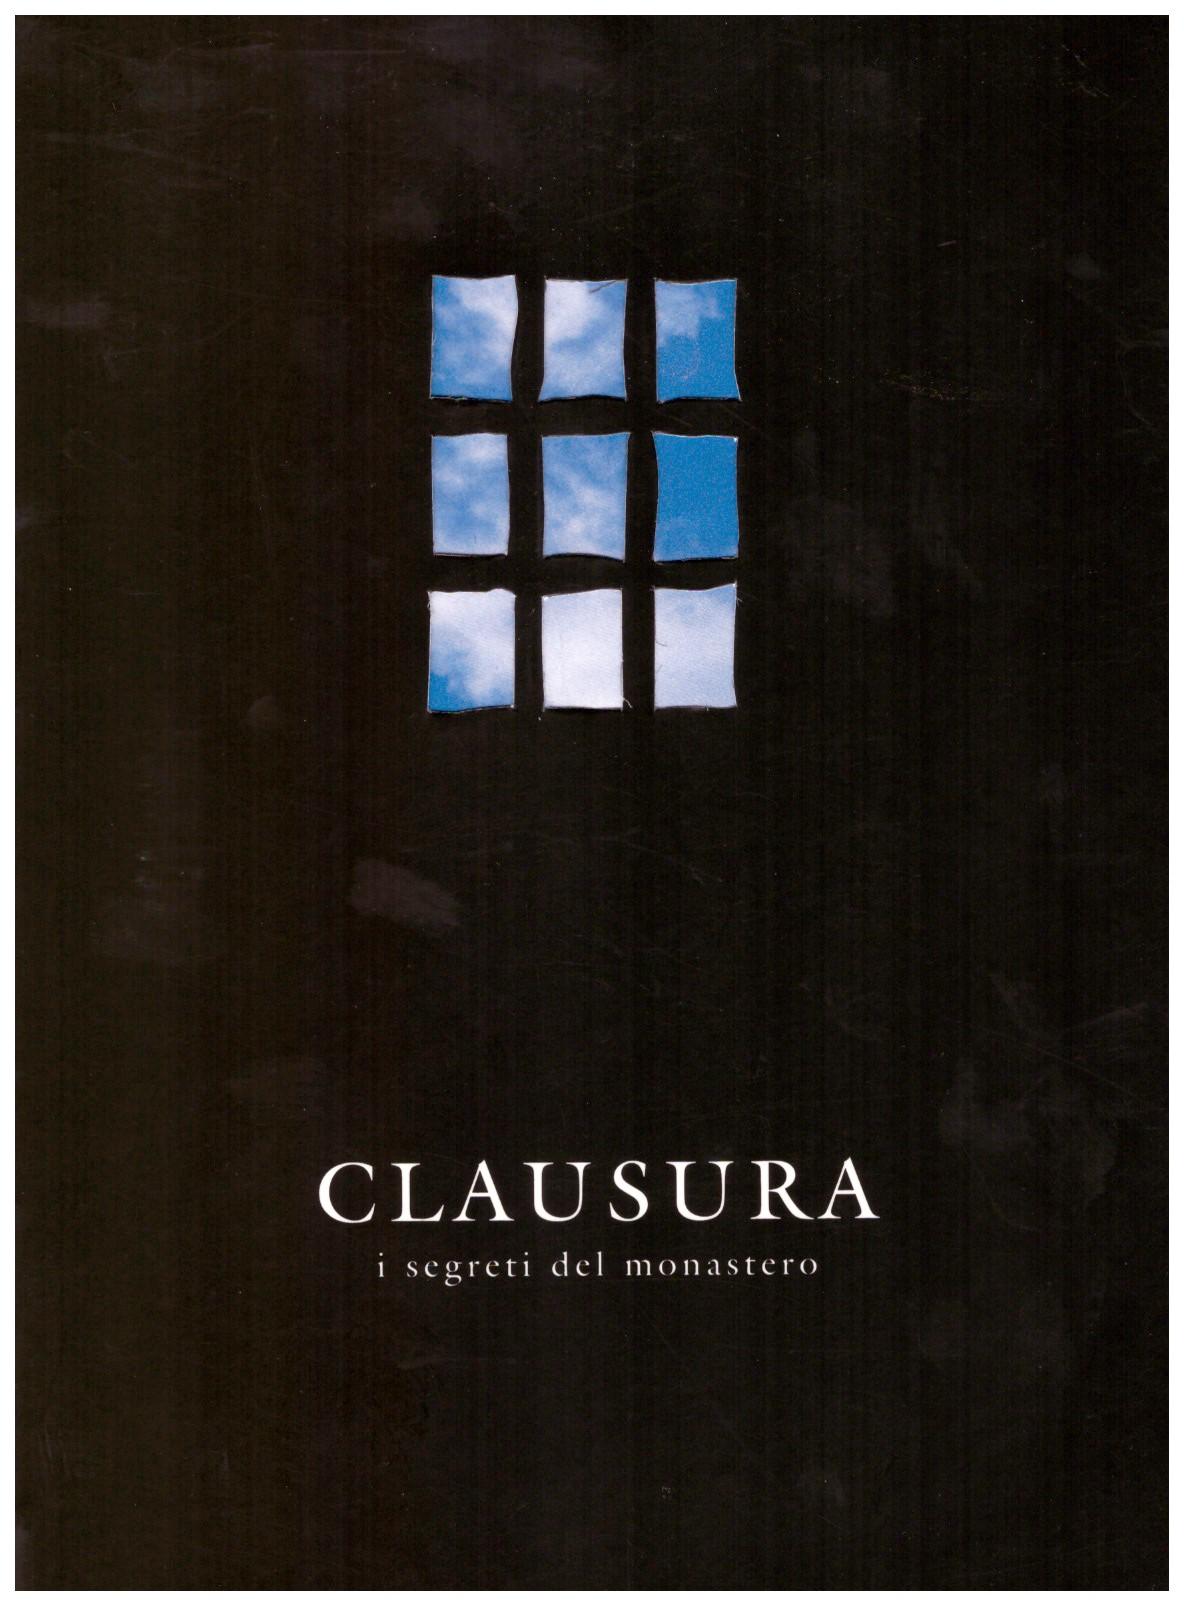 libro_clausura